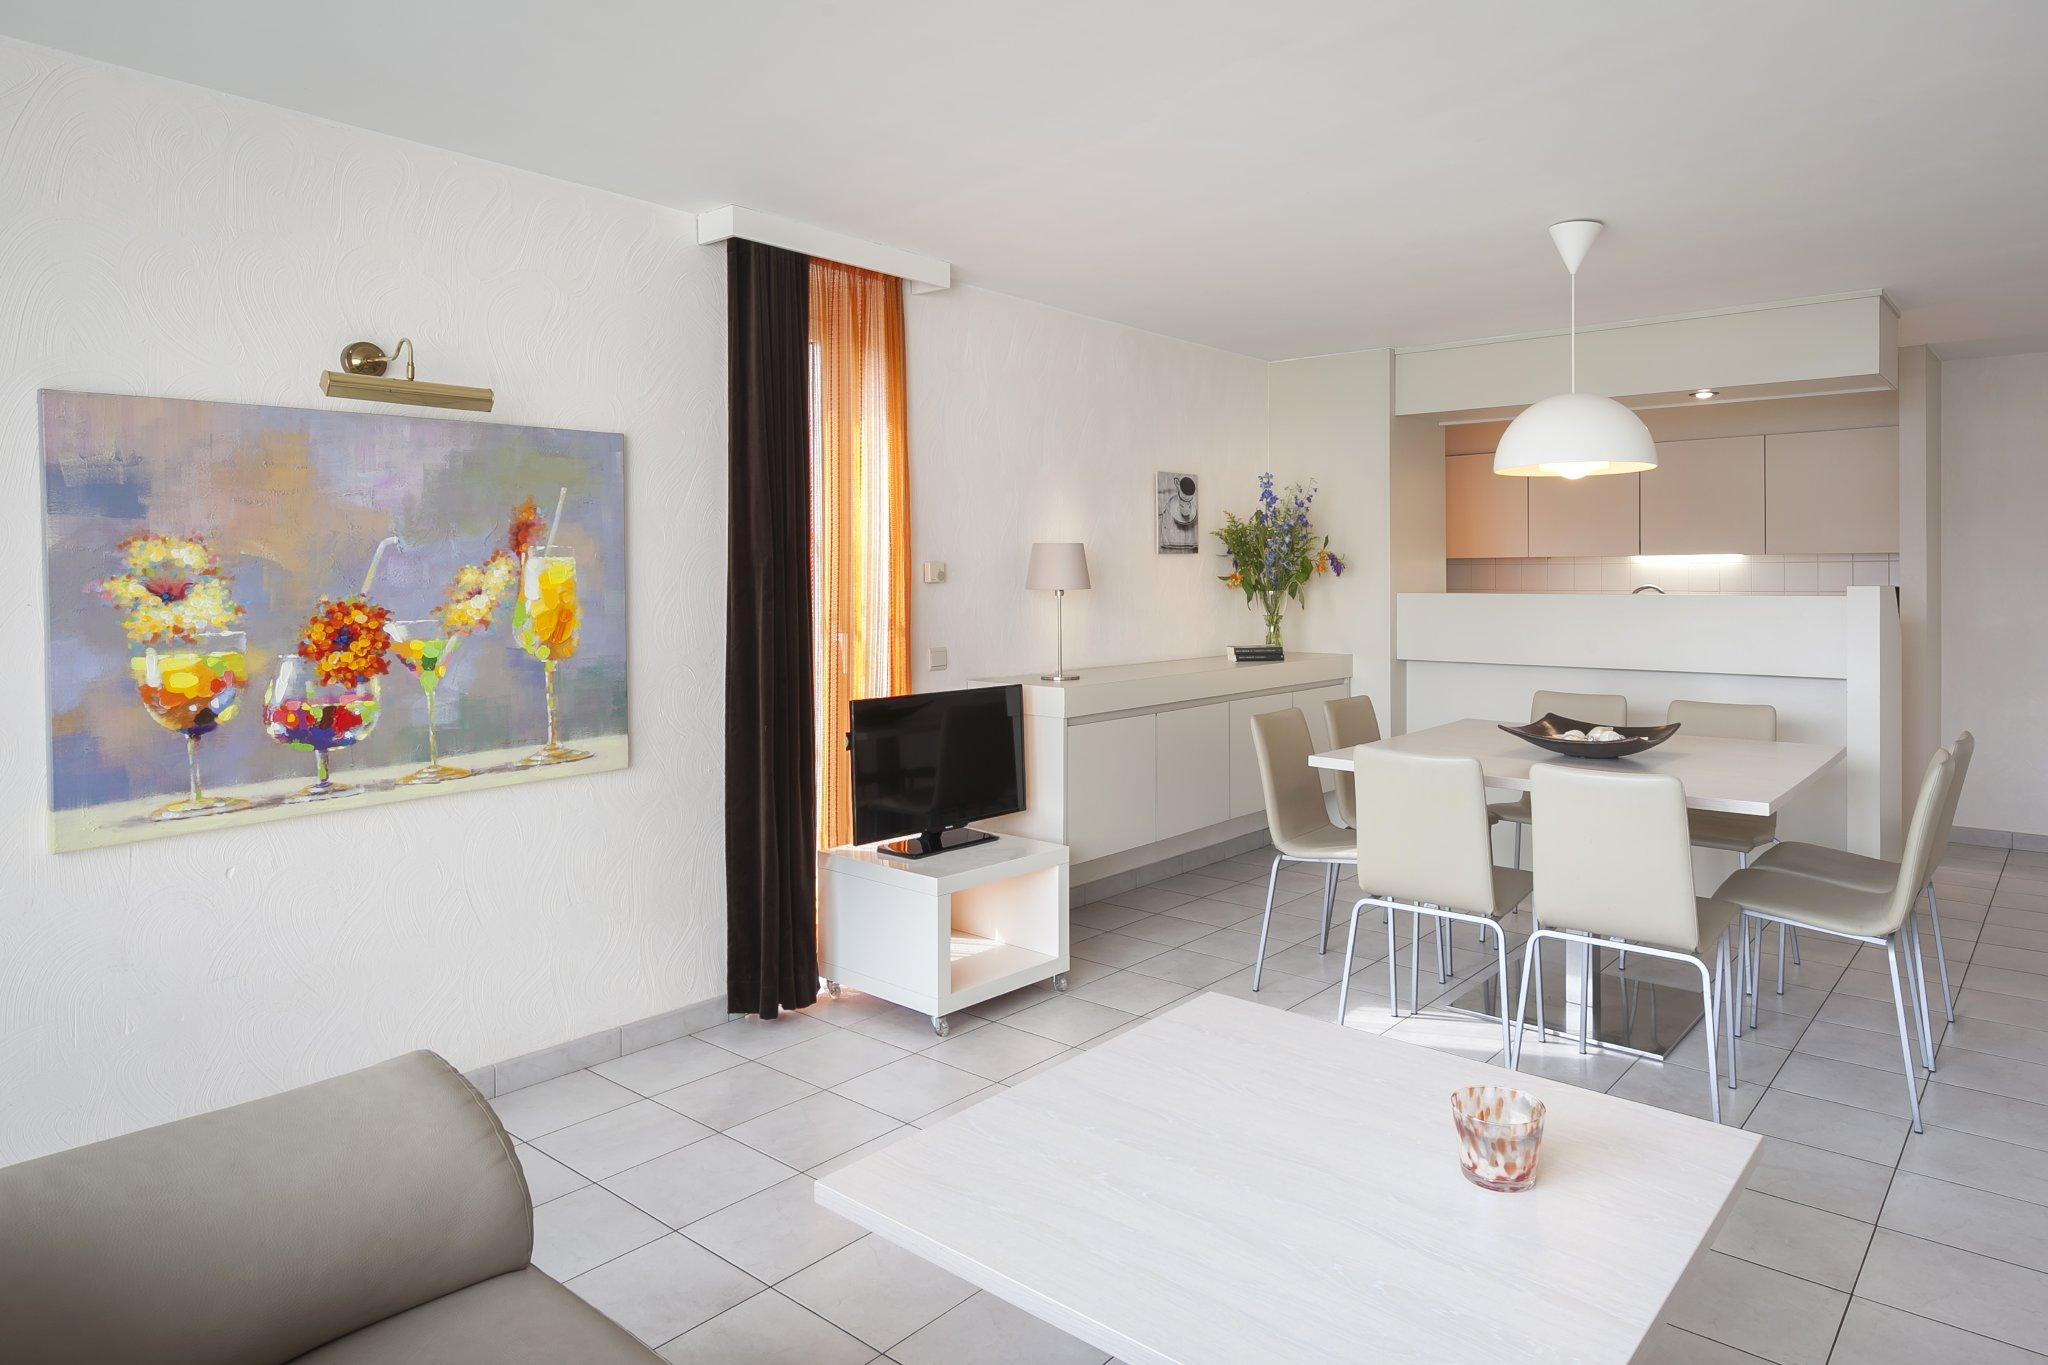 Detailbild von Jonckershof - Duplex Ferienwohnung